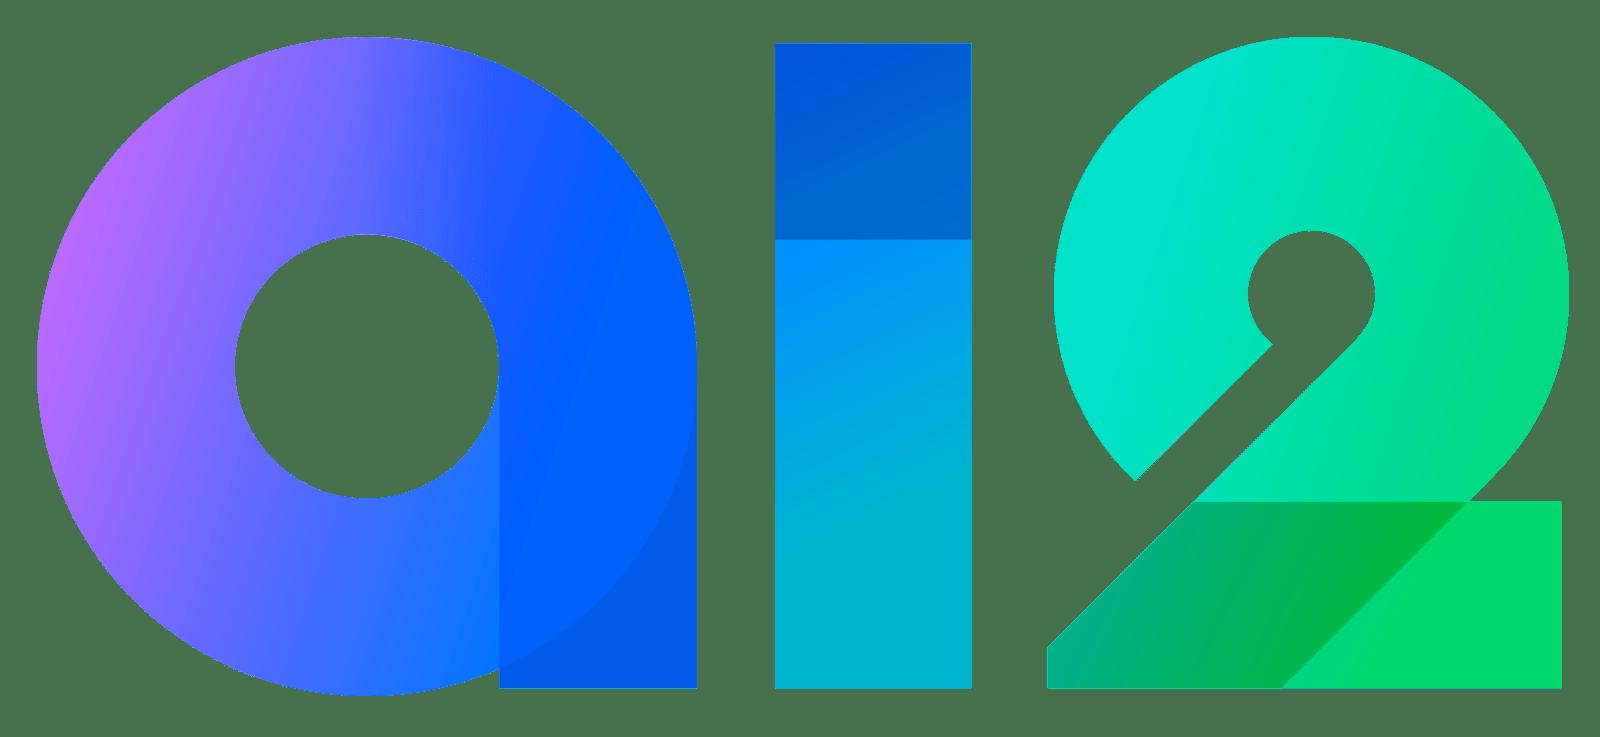 c2-logo